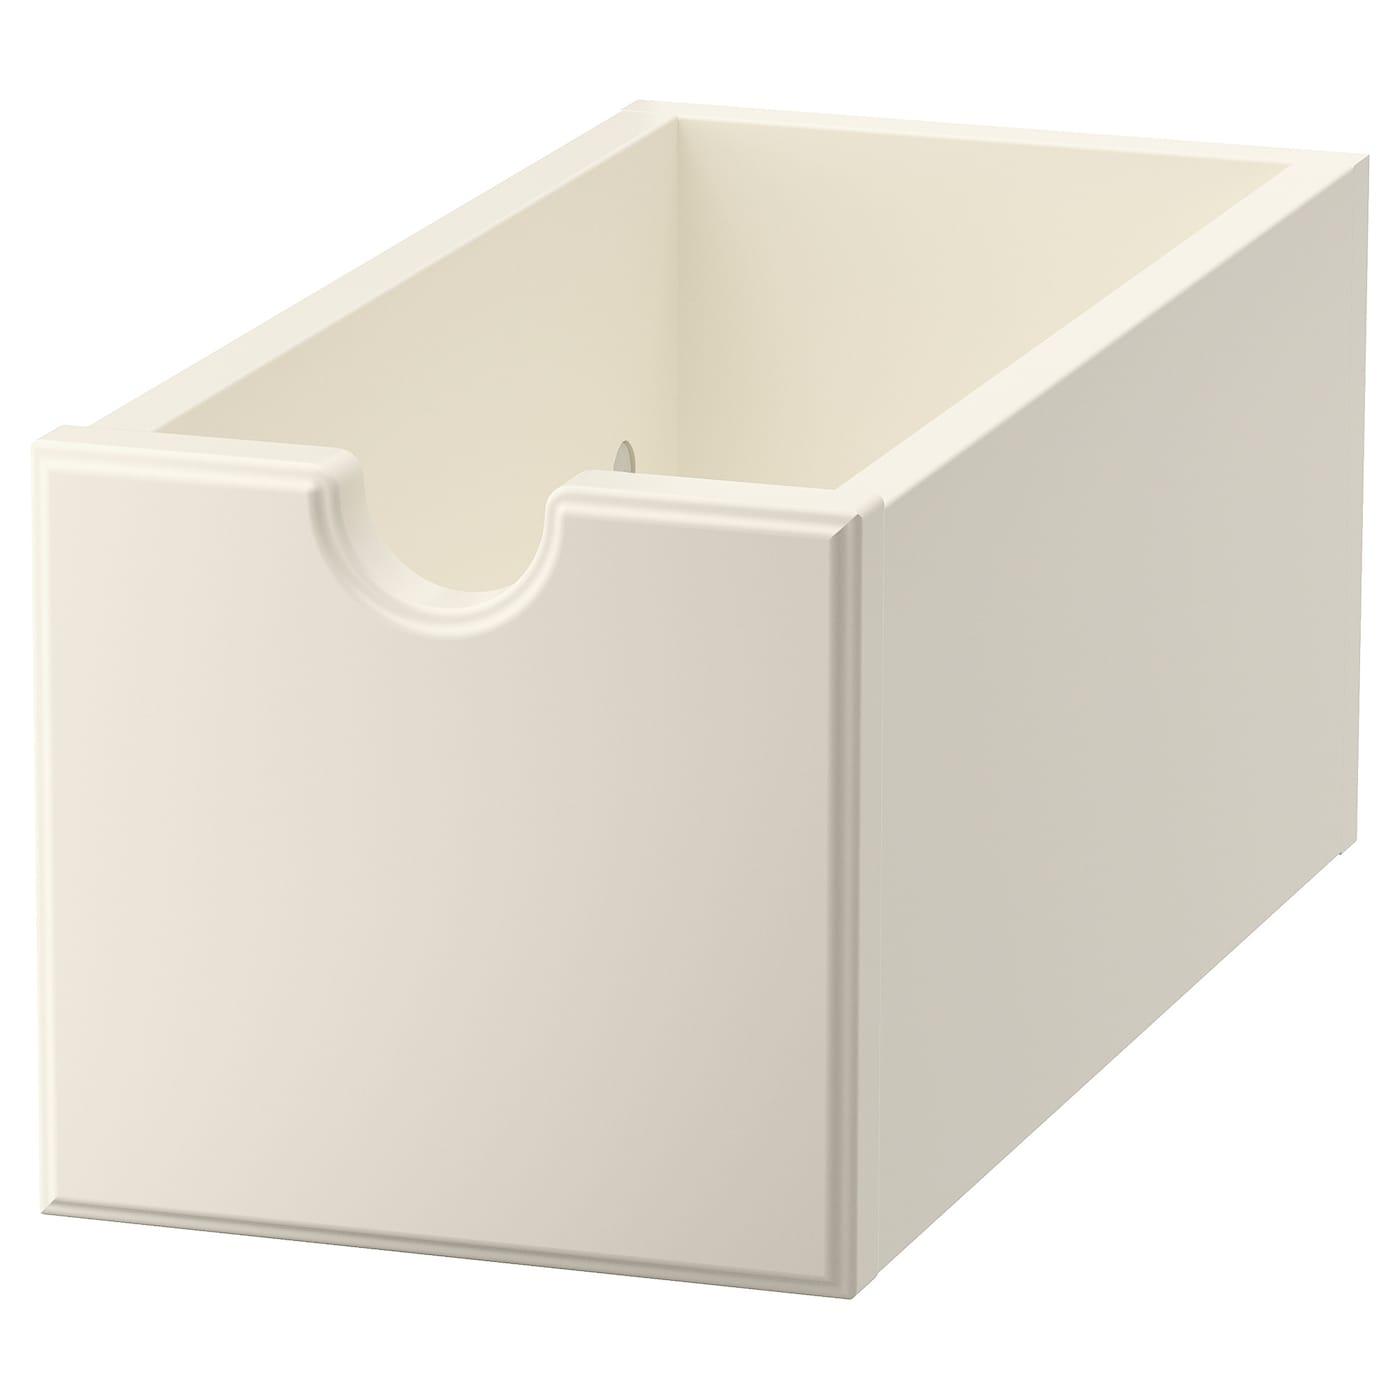 TORNVIKEN Box grau IKEA Österreich